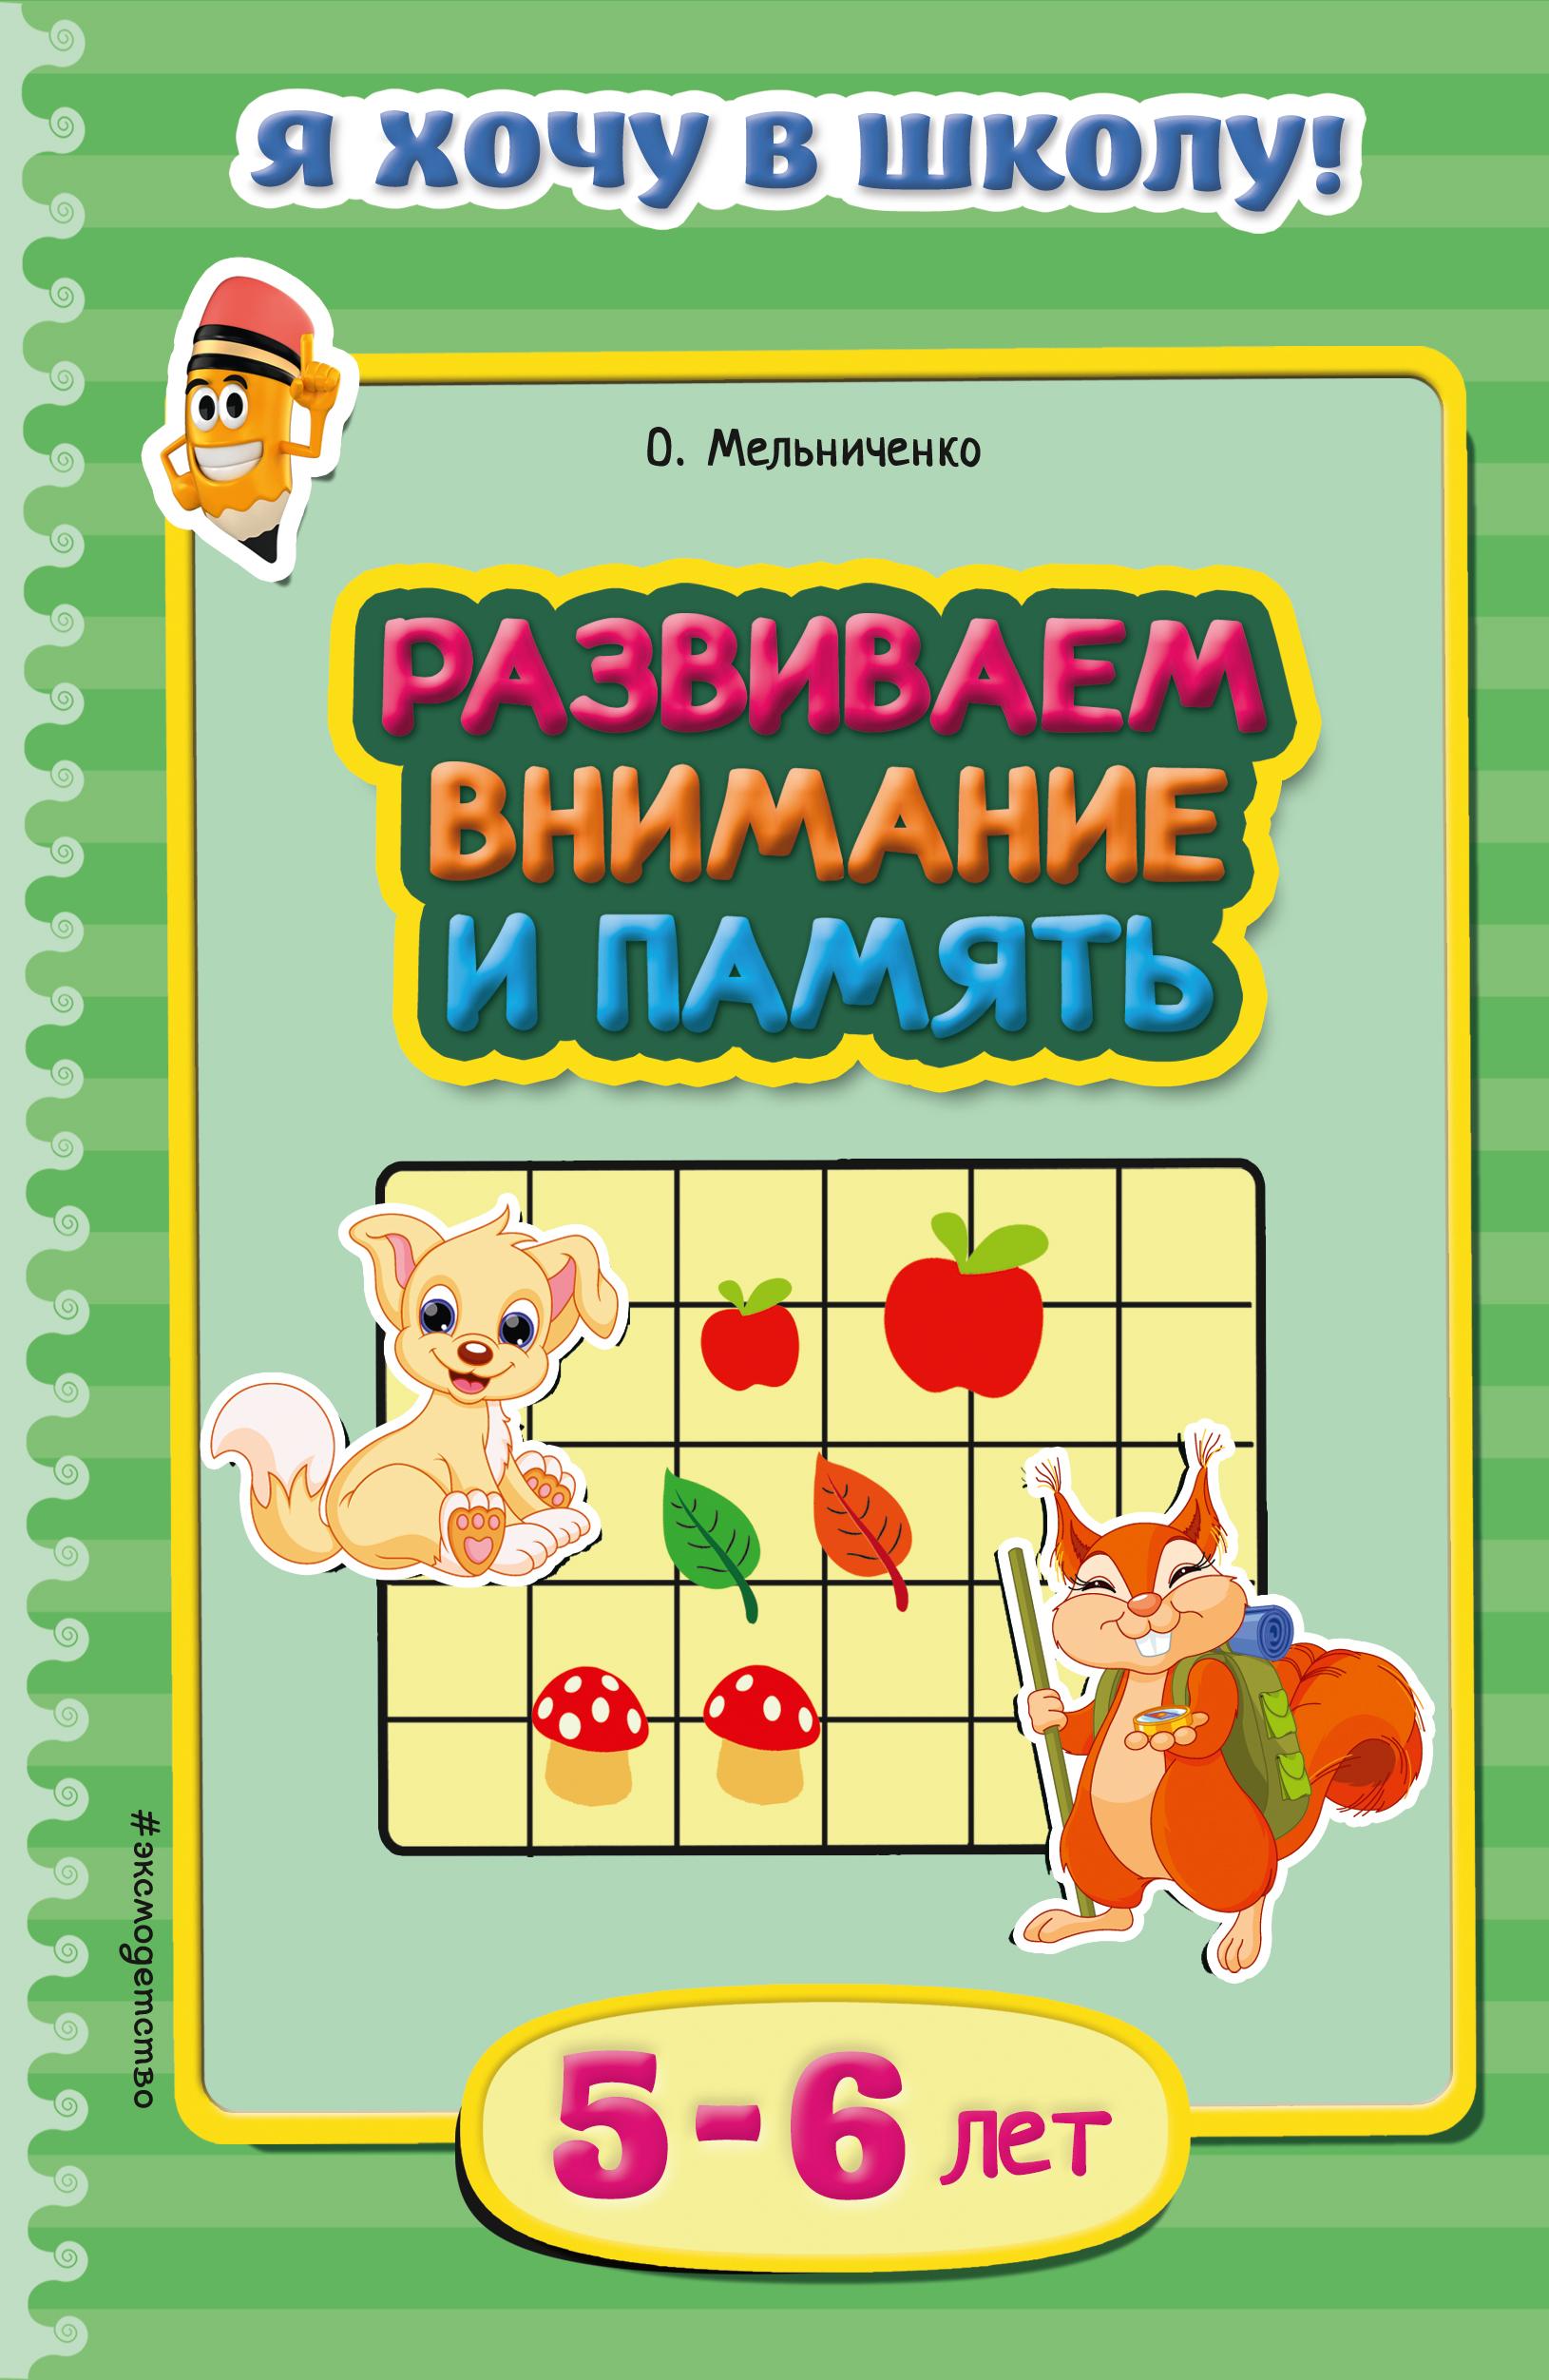 Развиваем внимание и память: для детей 5-6 лет ( Мельниченко О.  )